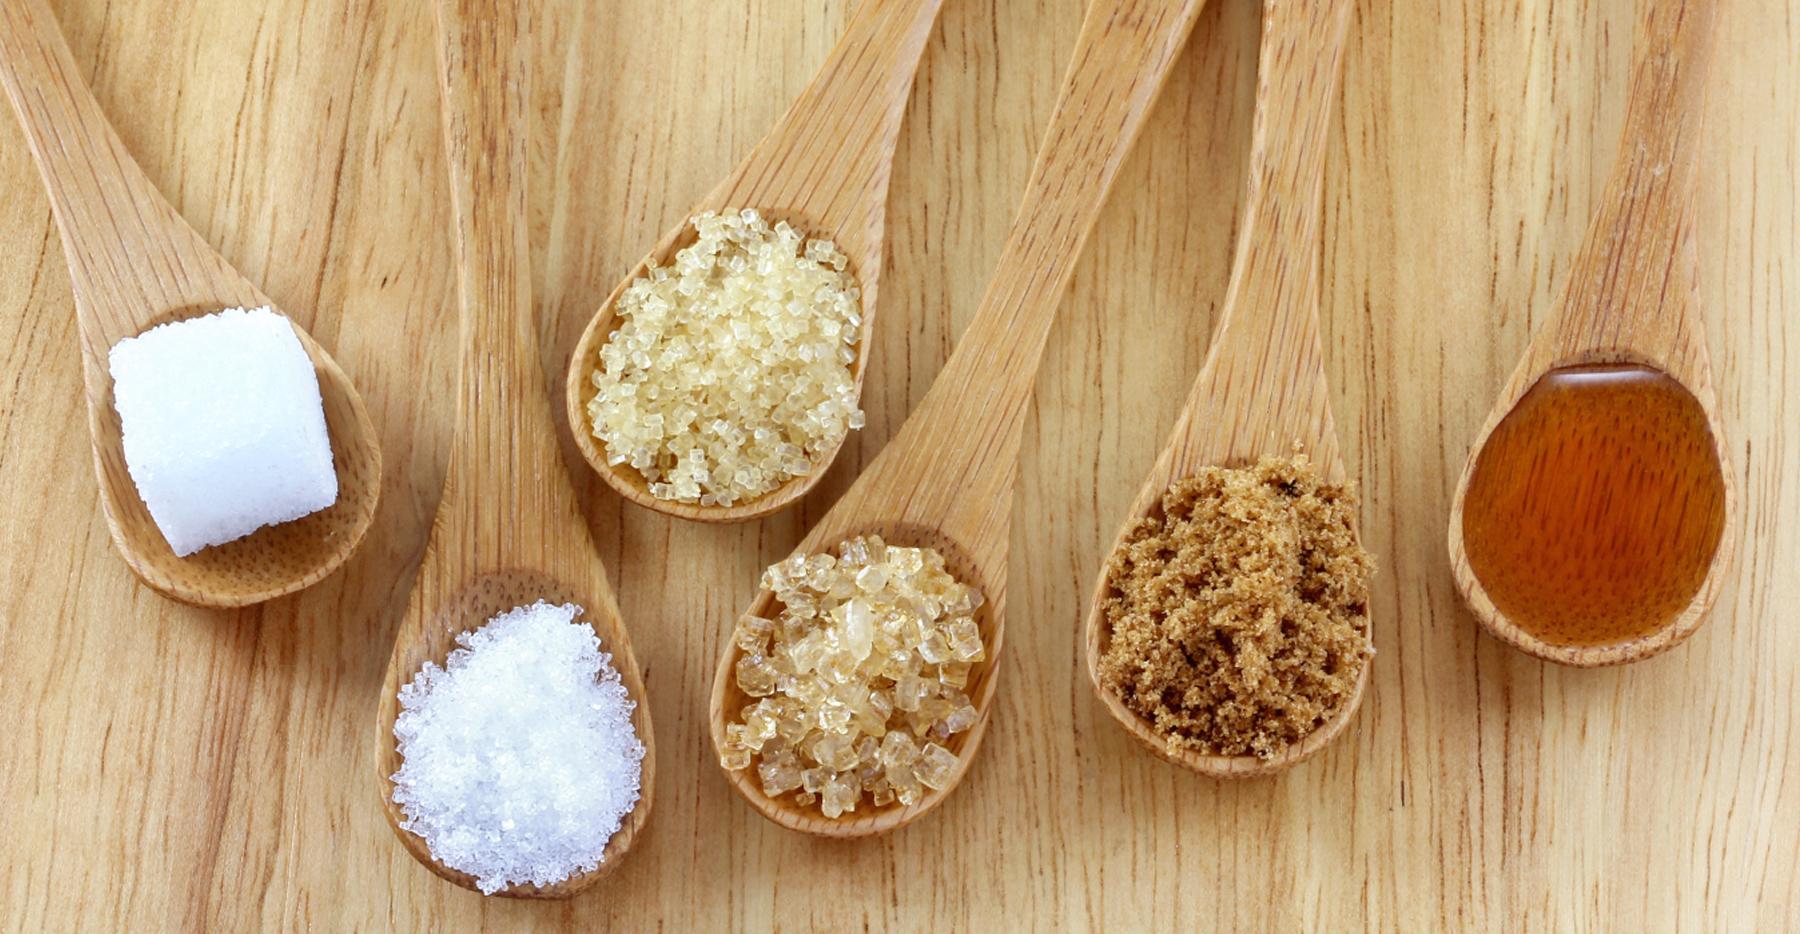 Estar en forma: Cómo sustituir el azúcar por alternativas más saludables 1